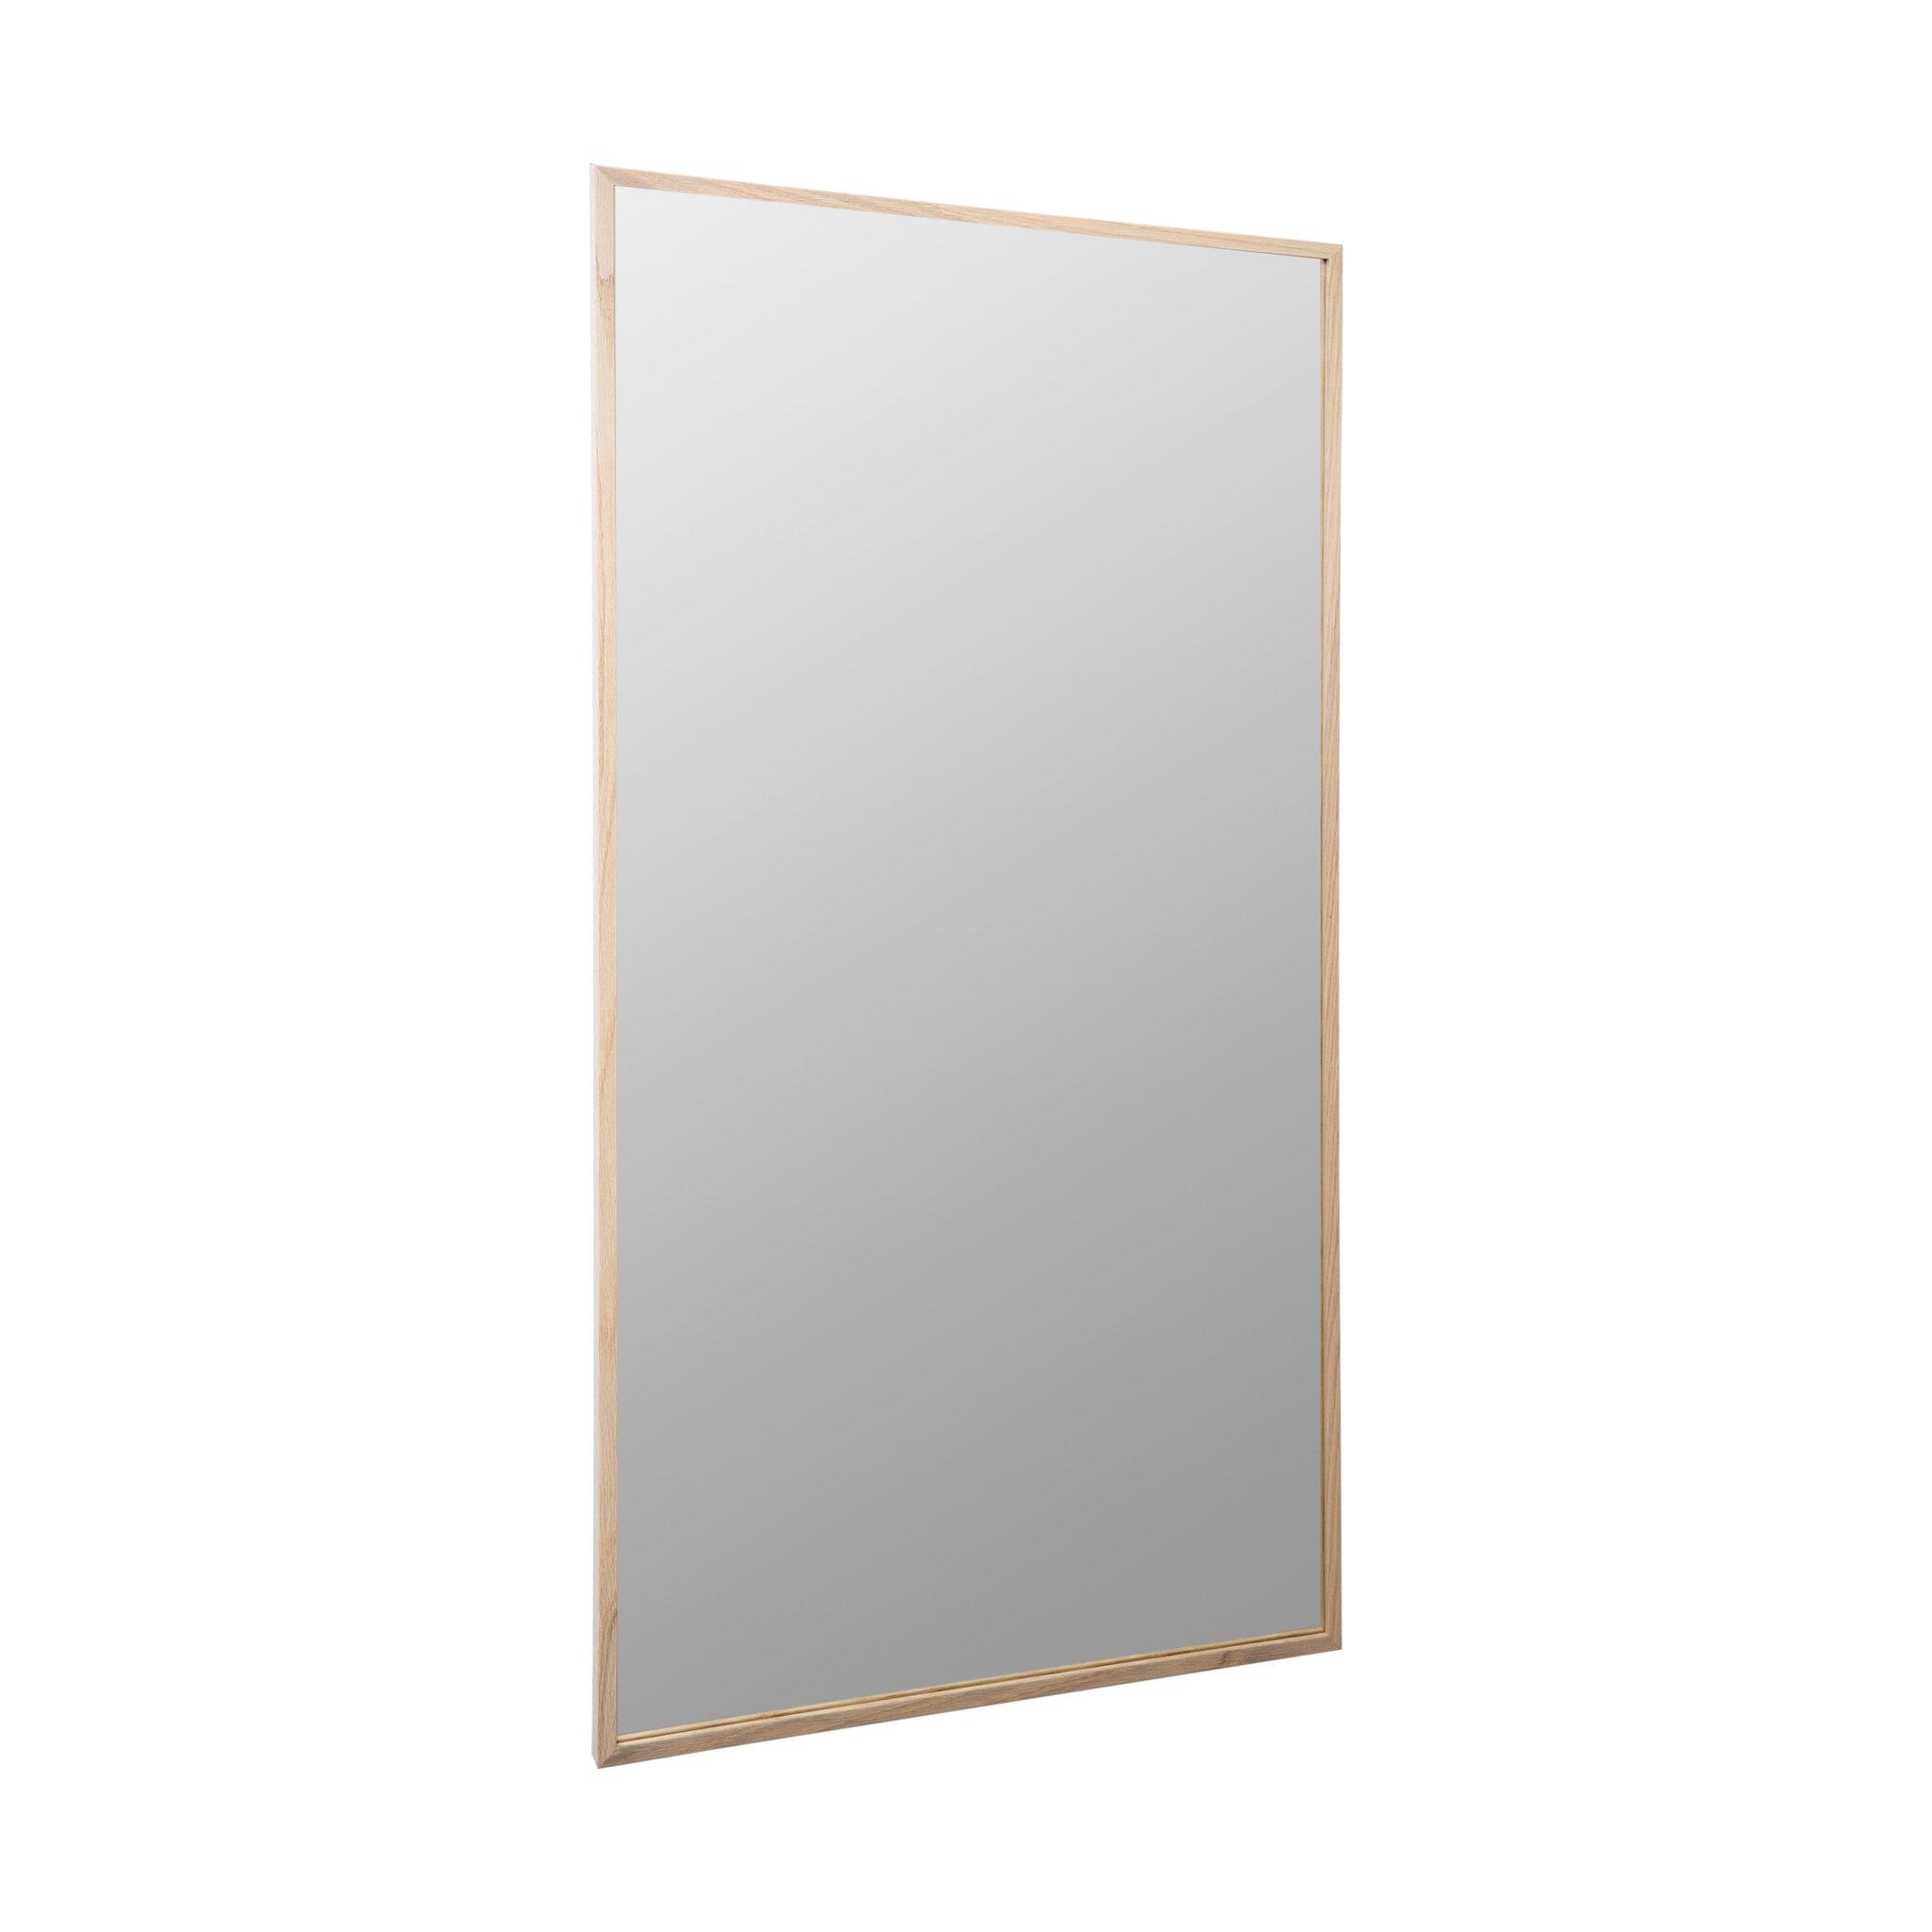 Fräscha Spegel, Tambur 62x122 - Speglar - Köp online på åhlens.se! QH-47